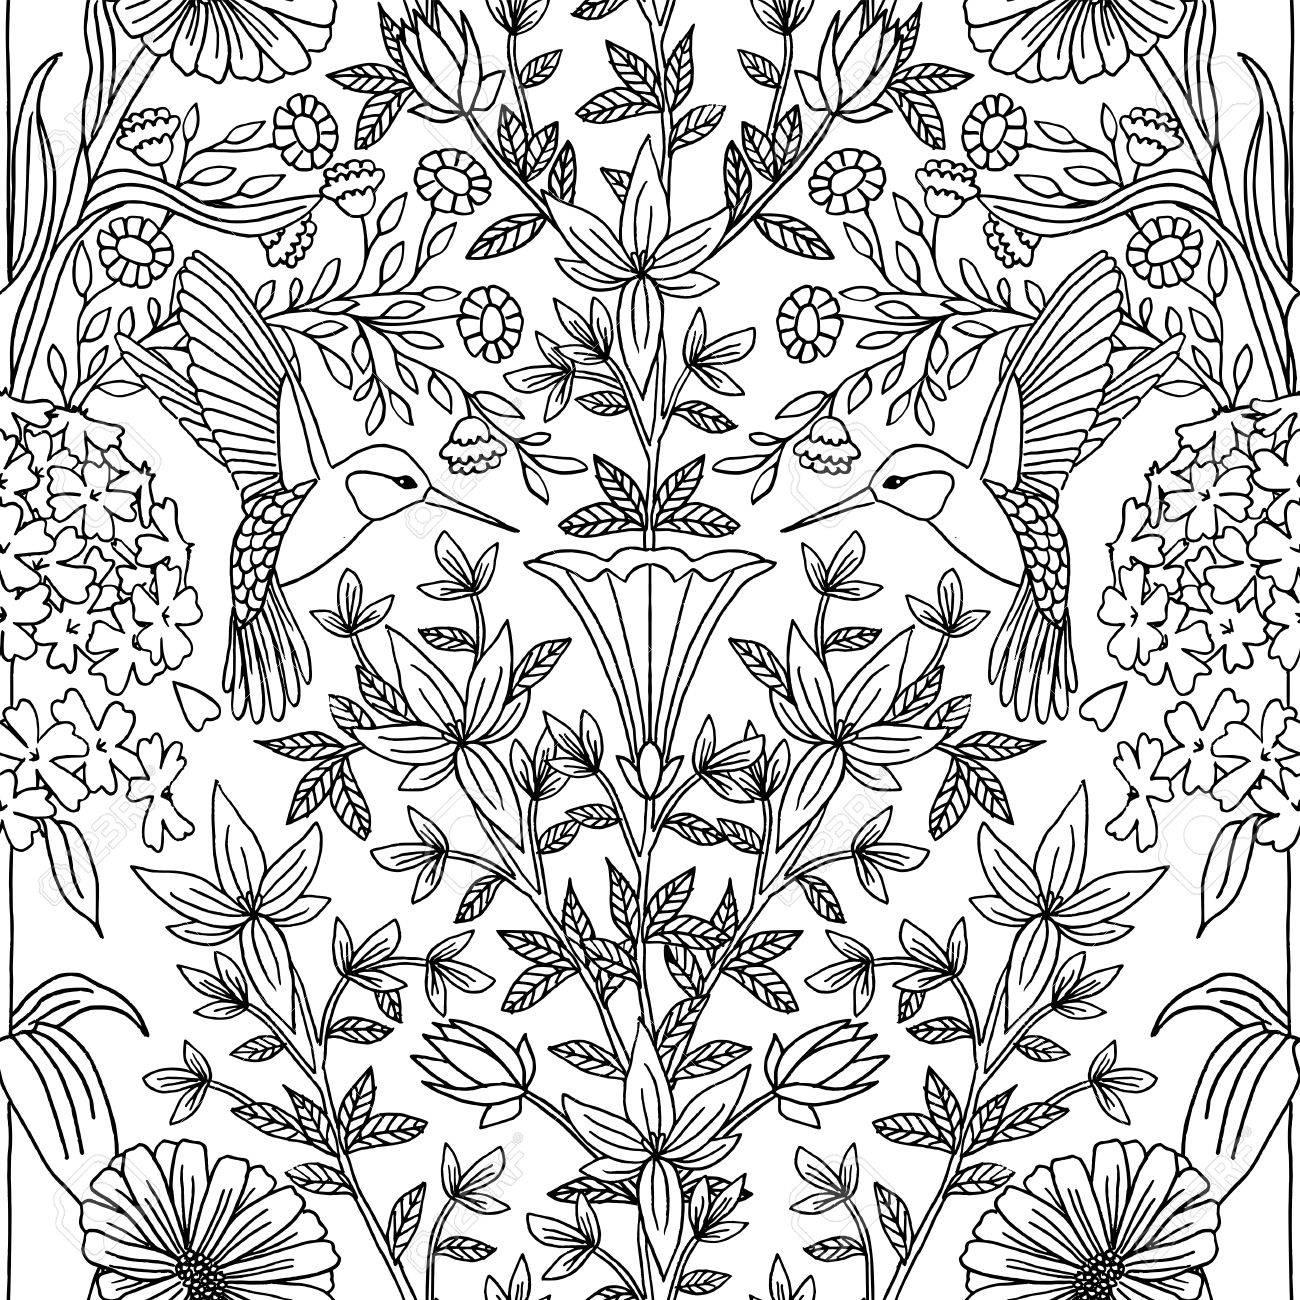 Hand Gezeichnet Nahtlose Schwarz Weiß Muster Mit Kolibris Und Blumen